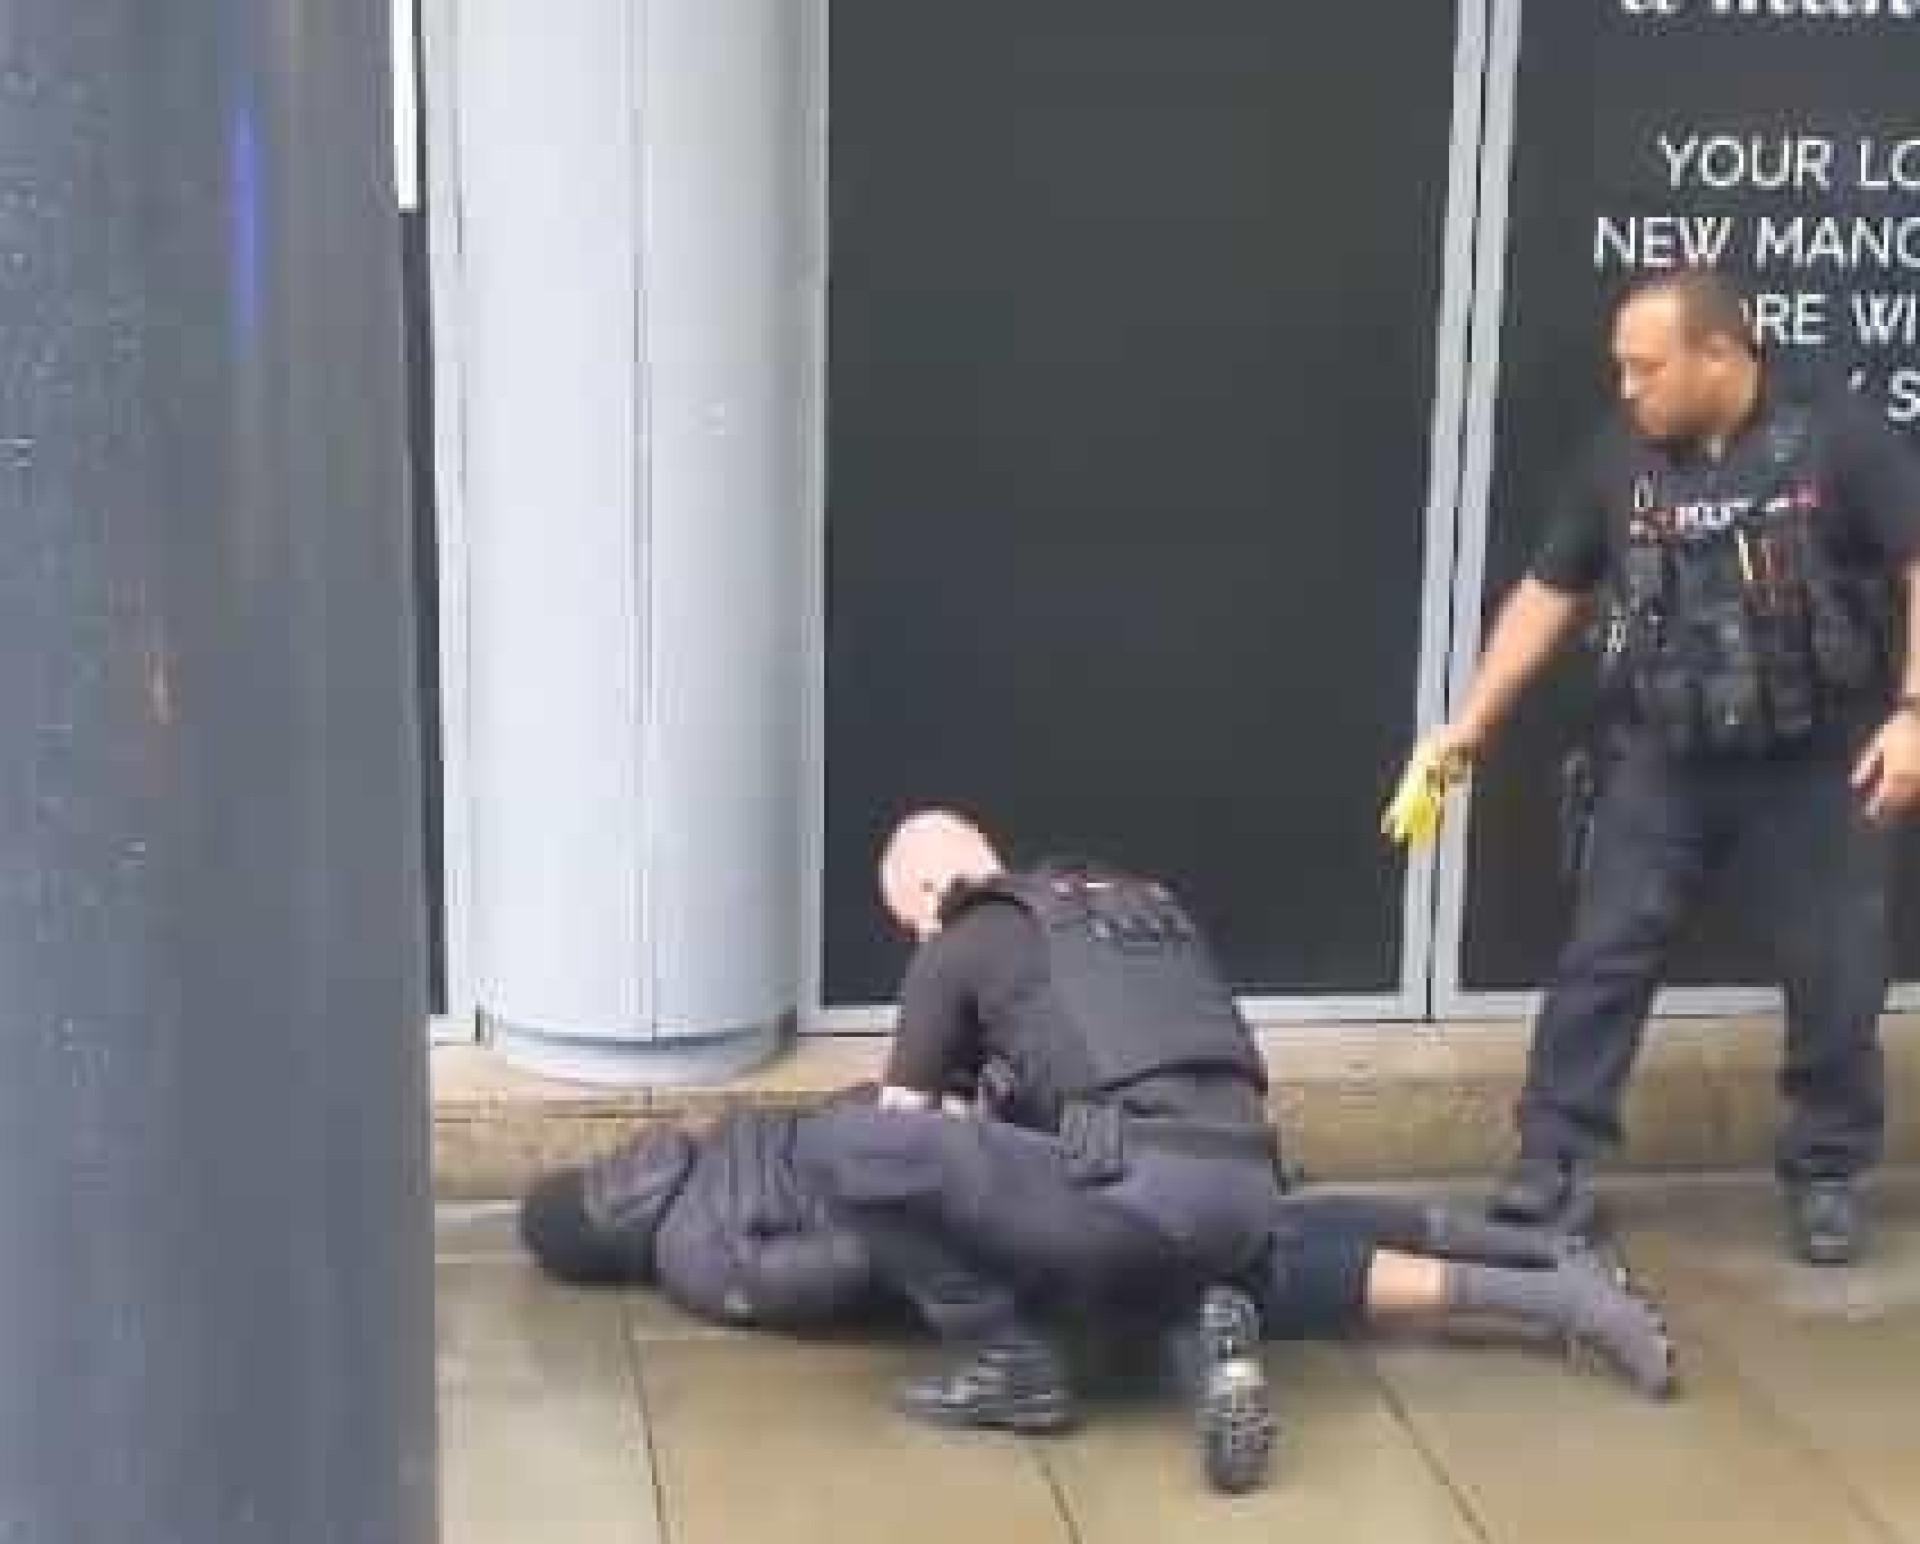 Cinco pessoas esfaqueadas em Manchester. Houve uma detenção